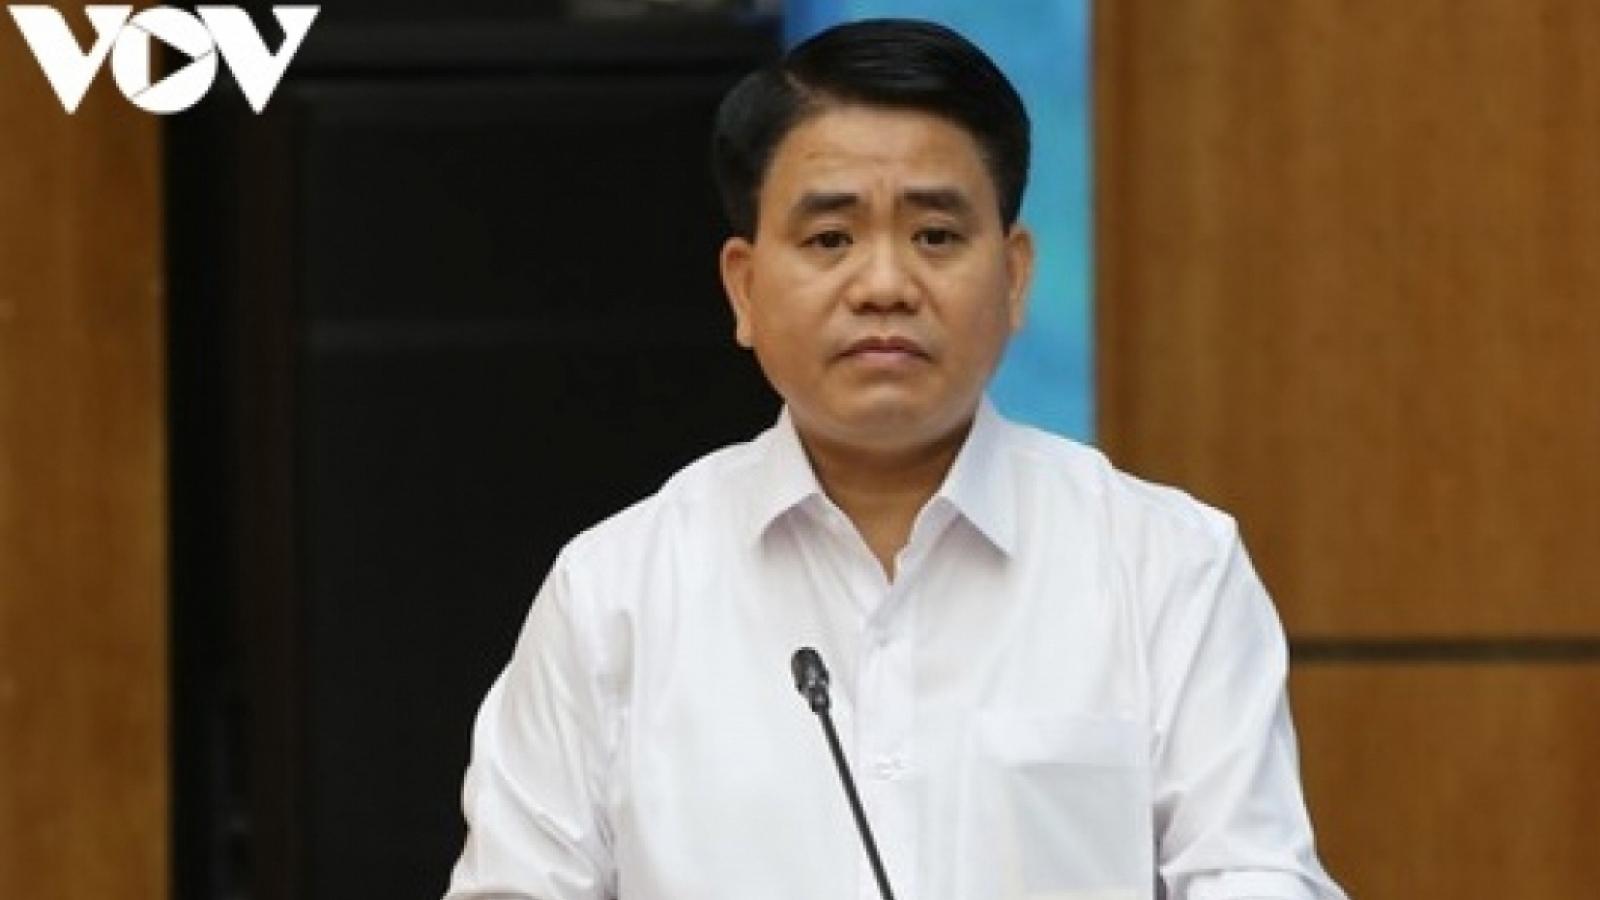 Khởi tố ông Nguyễn Đức Chung trong vụ án xảy ra tại Sở Kế hoạch và Đầu tư